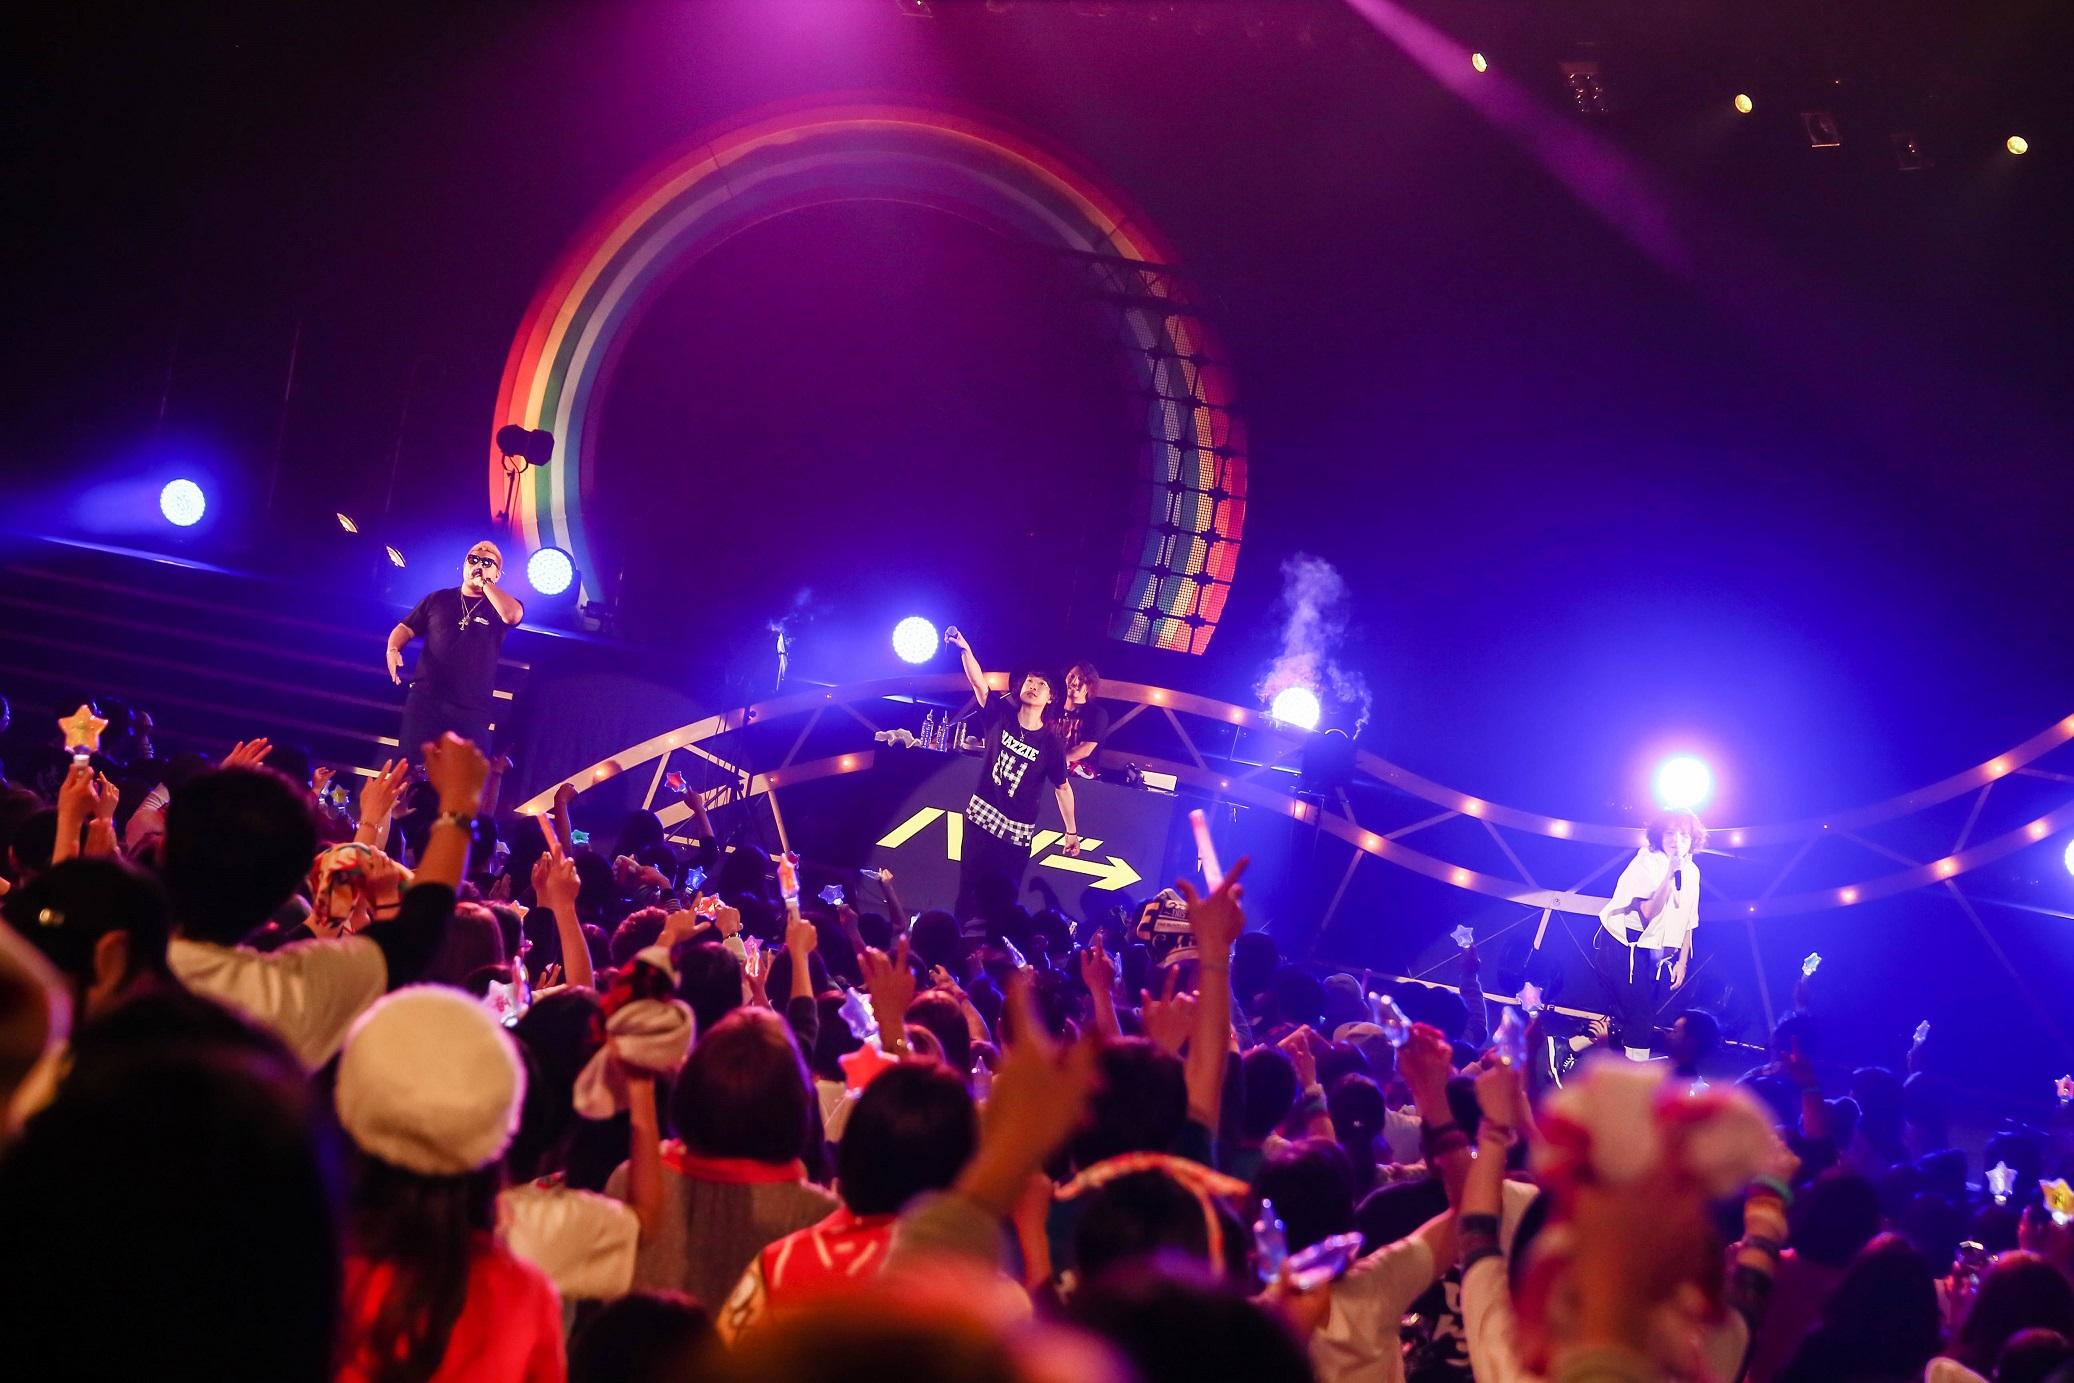 ハジ→15,000人を動員した初の全国ホールツアーファイナル!RED RICE(湘南乃風)、CICO(BENNIE K)がサプライズで登場!